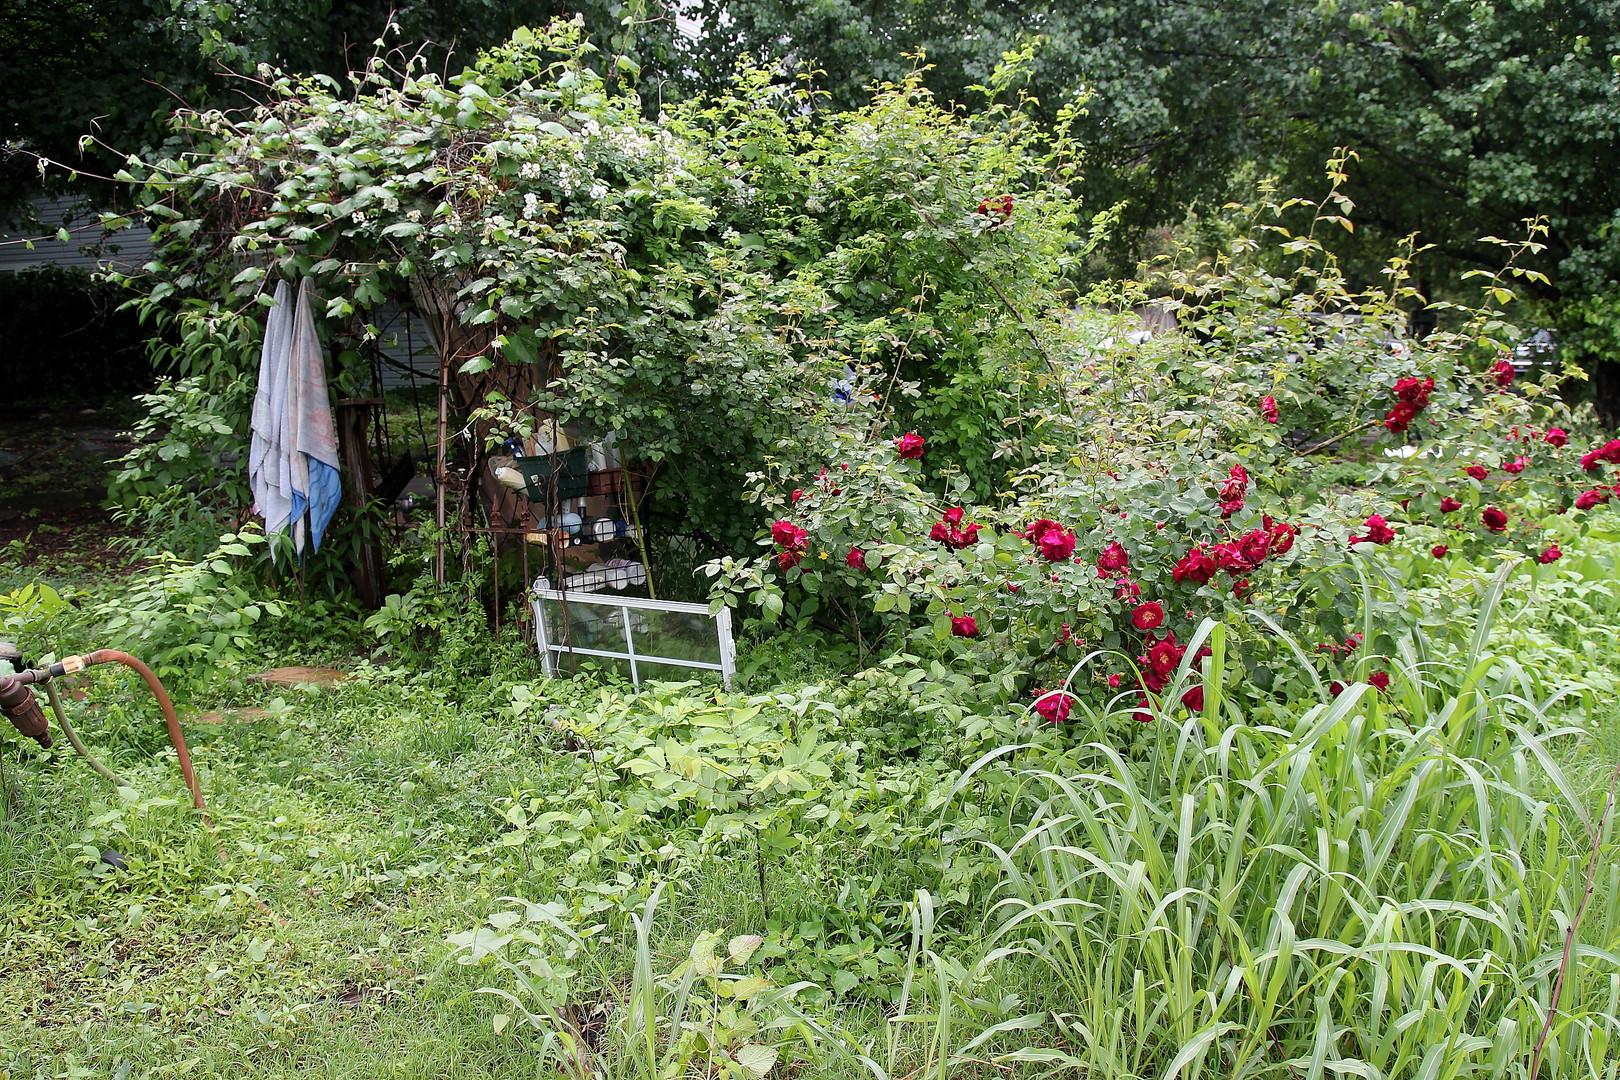 Garden of Eden